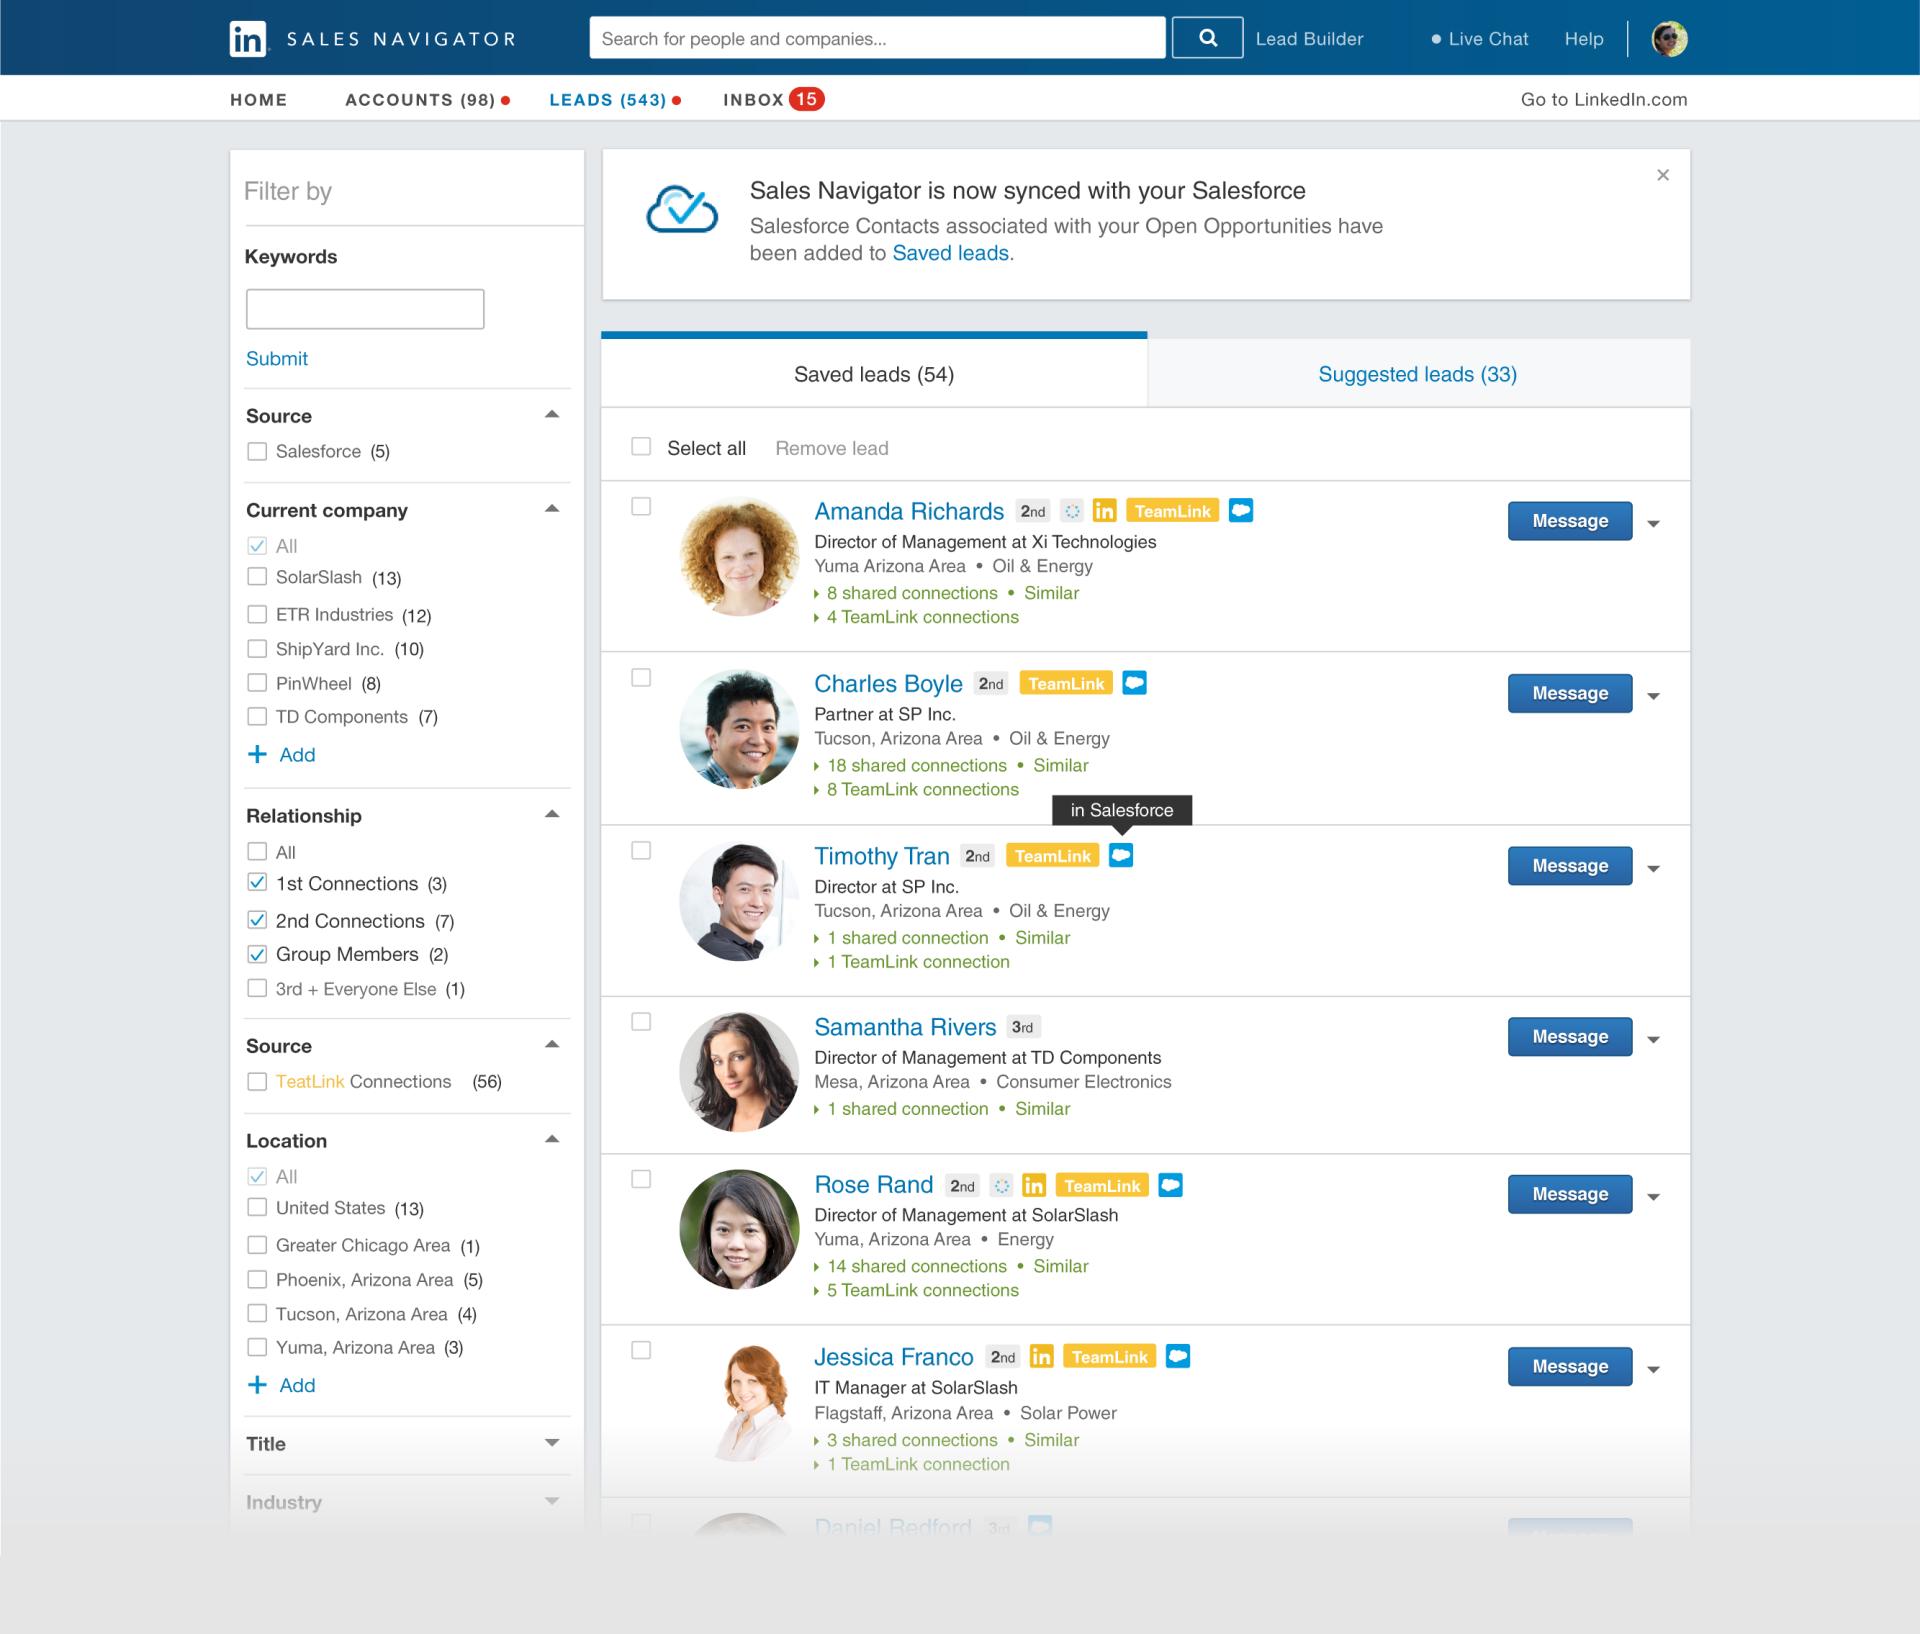 sales-navigator-linkedin